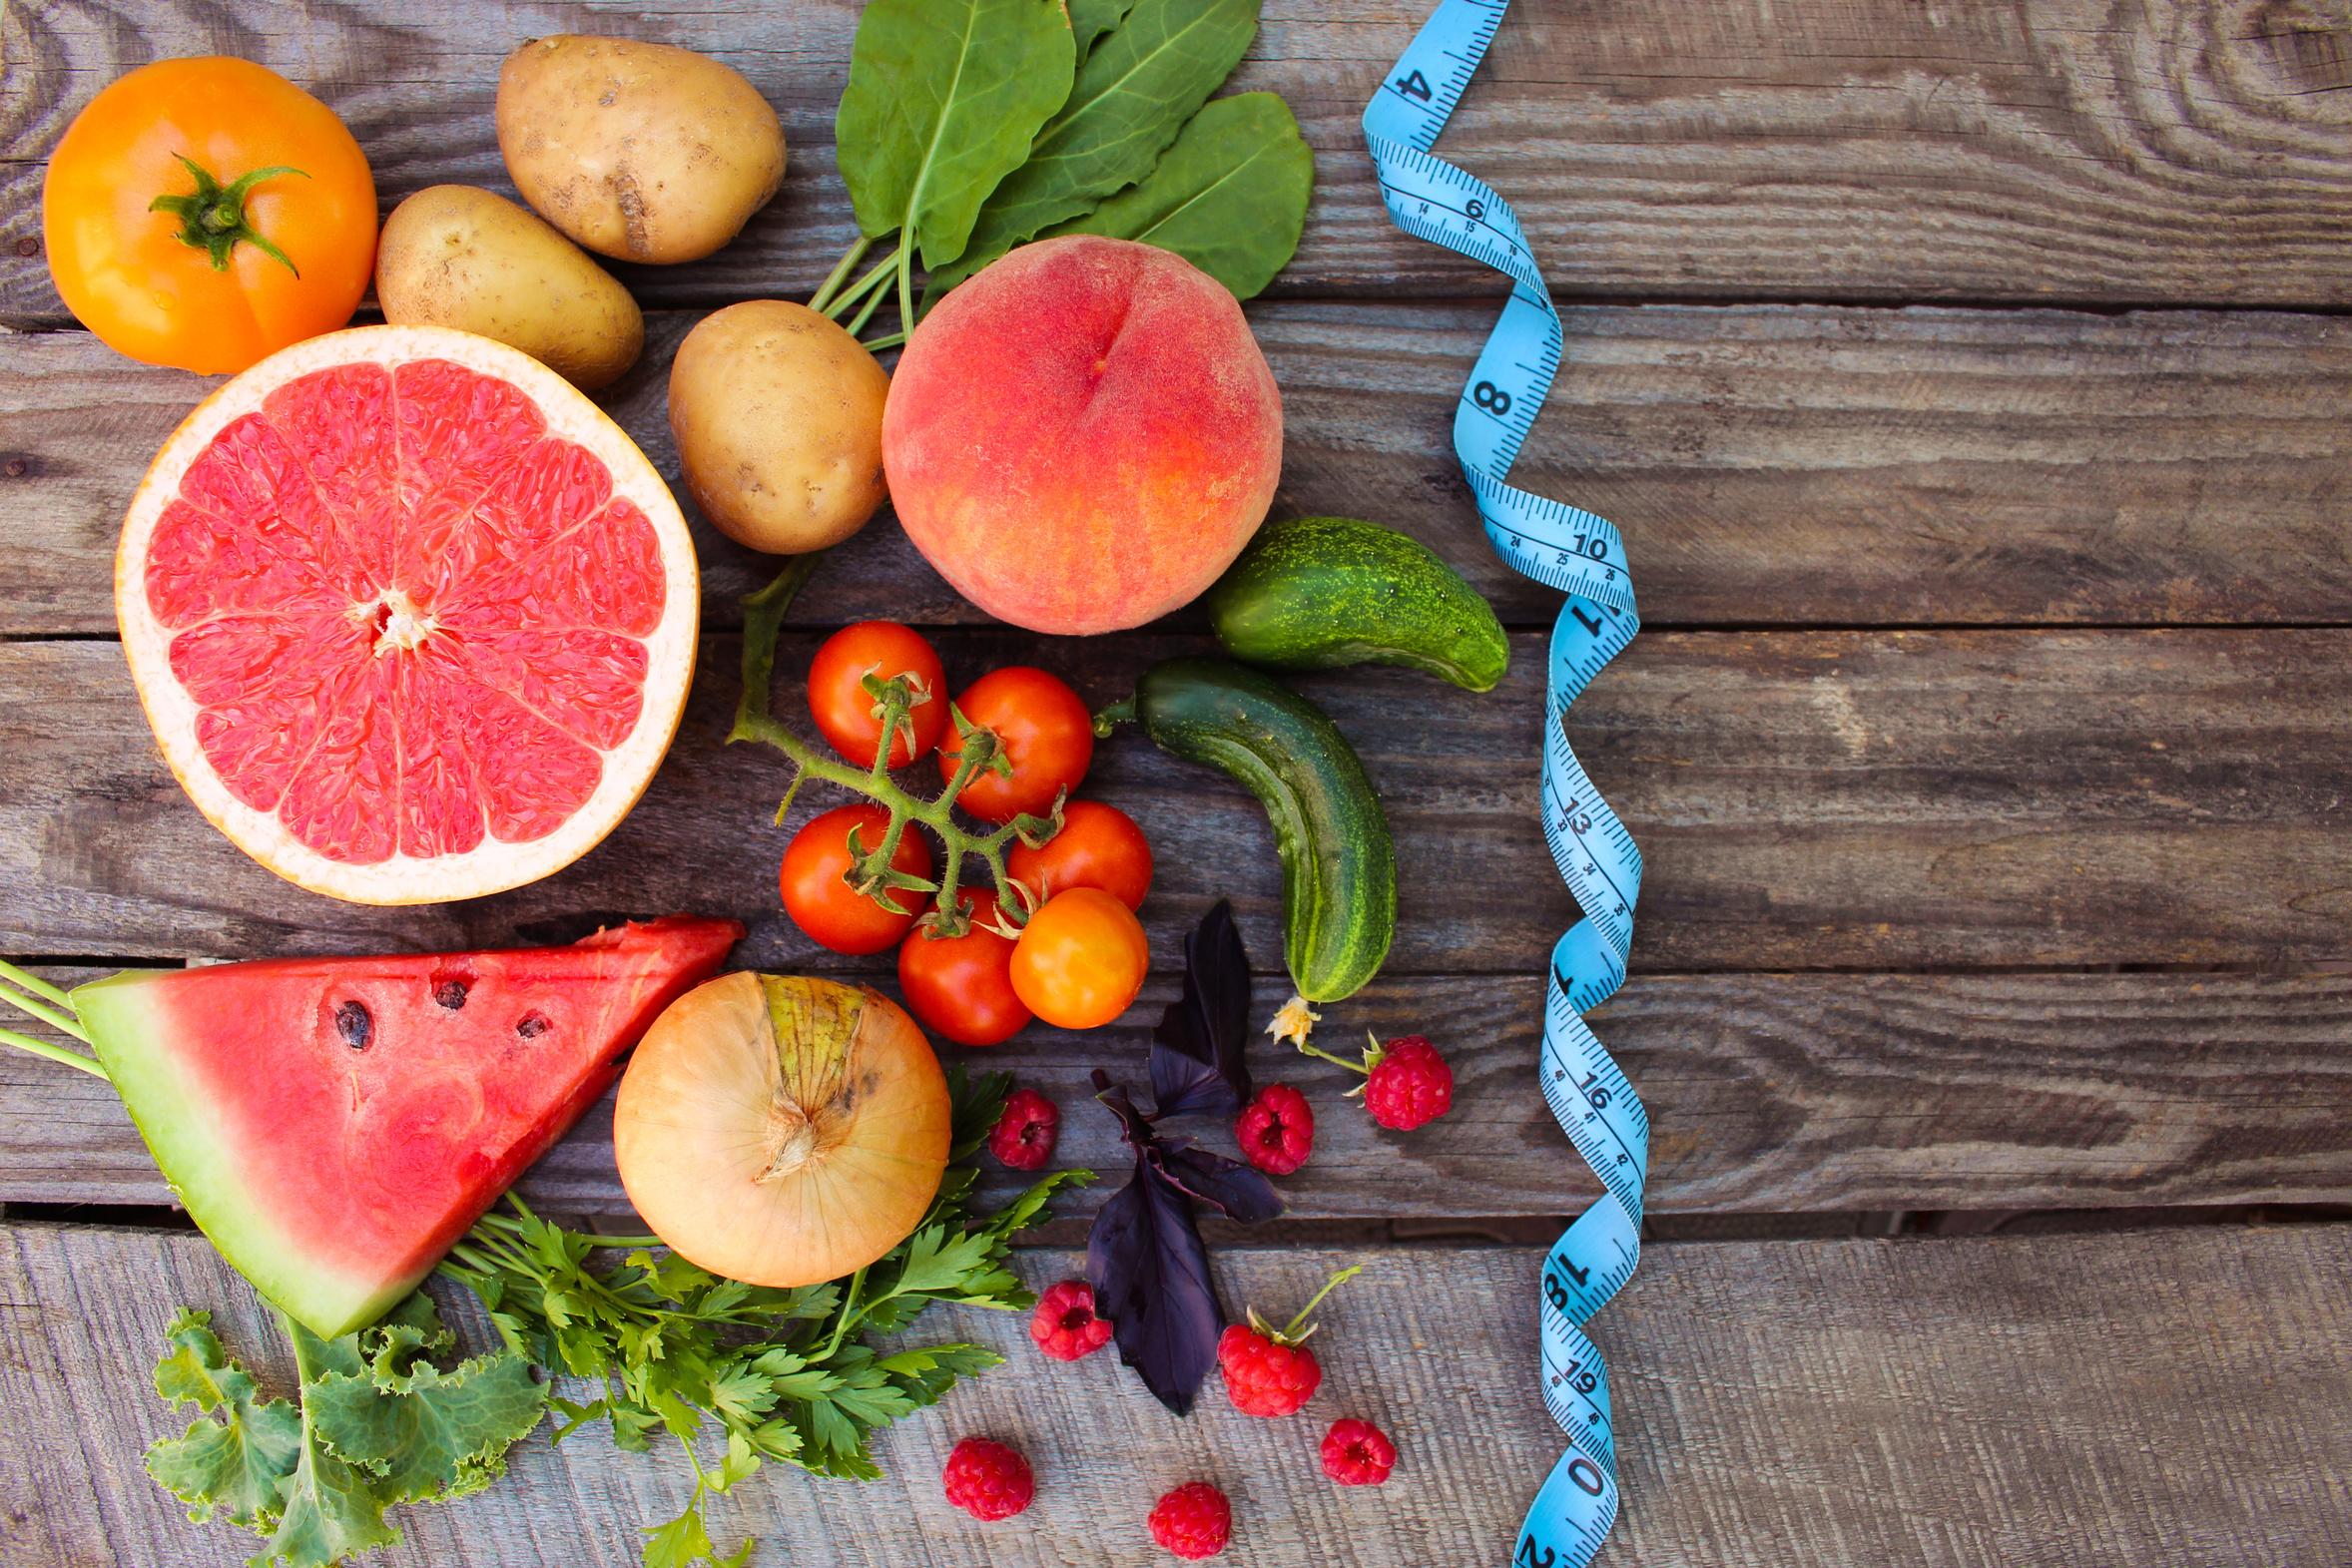 Stoffwechseldiät, Darmtherapie, Aktivierung des Stoffwechsels, schneller Abnehmen, Nachhaltig Gewicht reduzieren, Ernährung umstellen